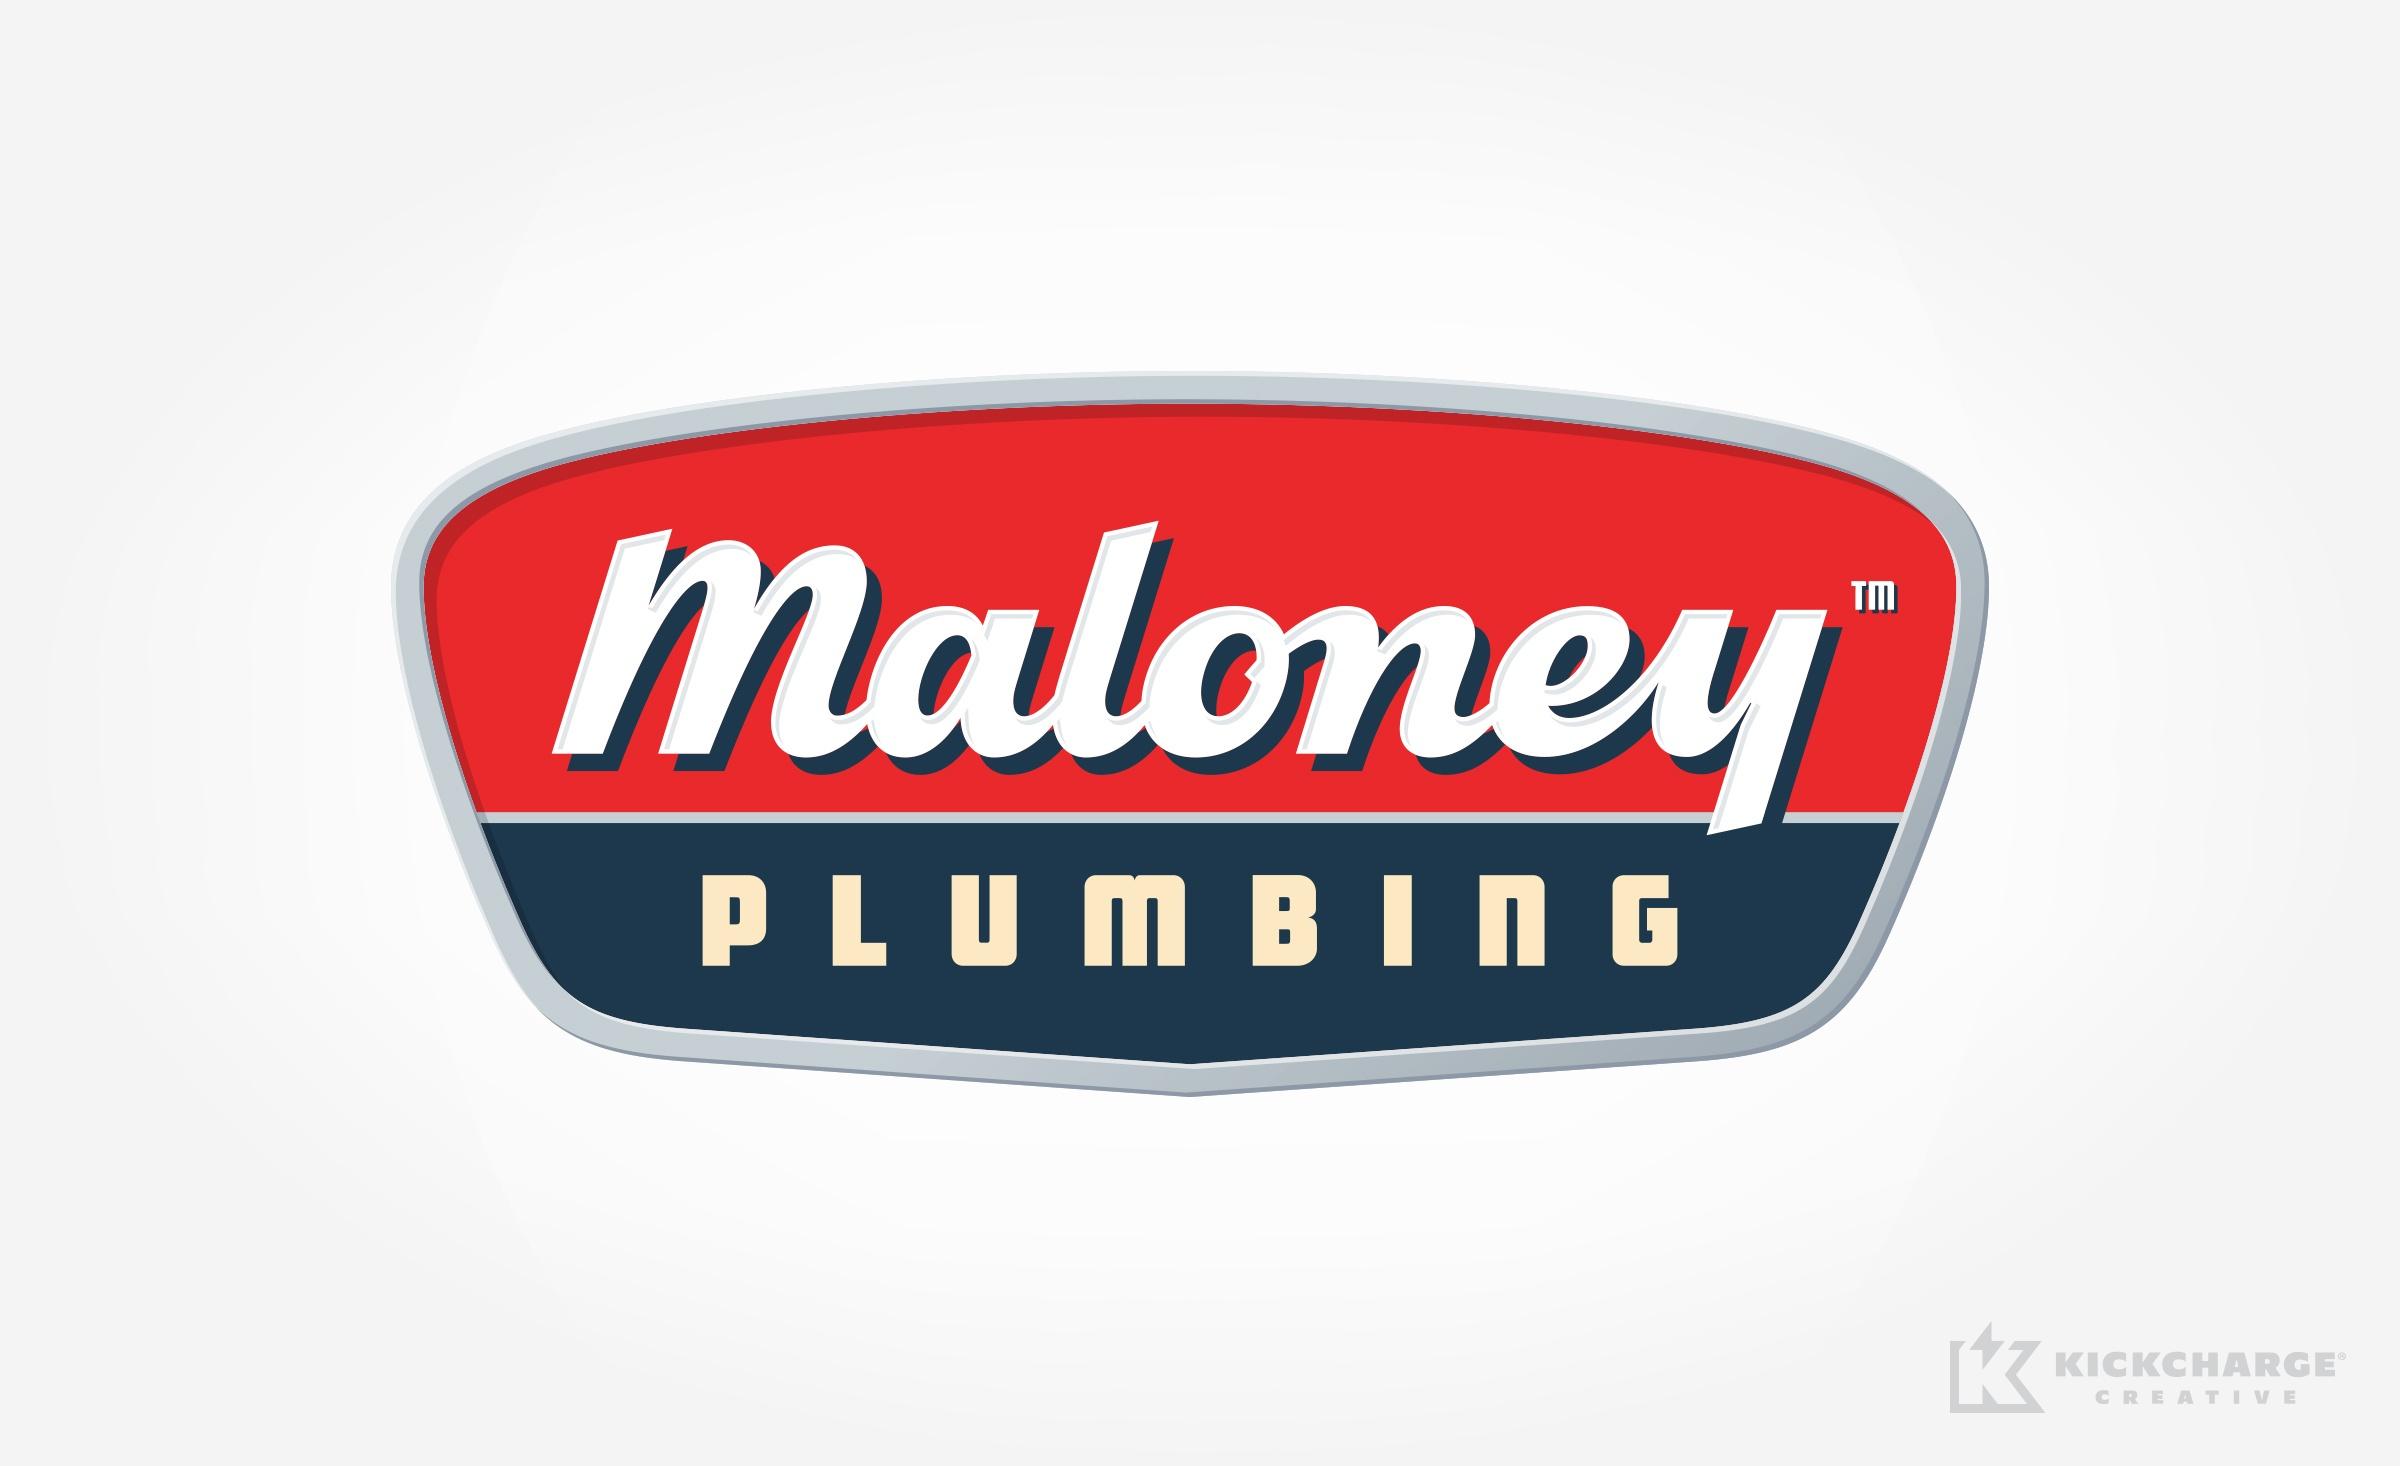 plumbing logo for Maloney Plumbing